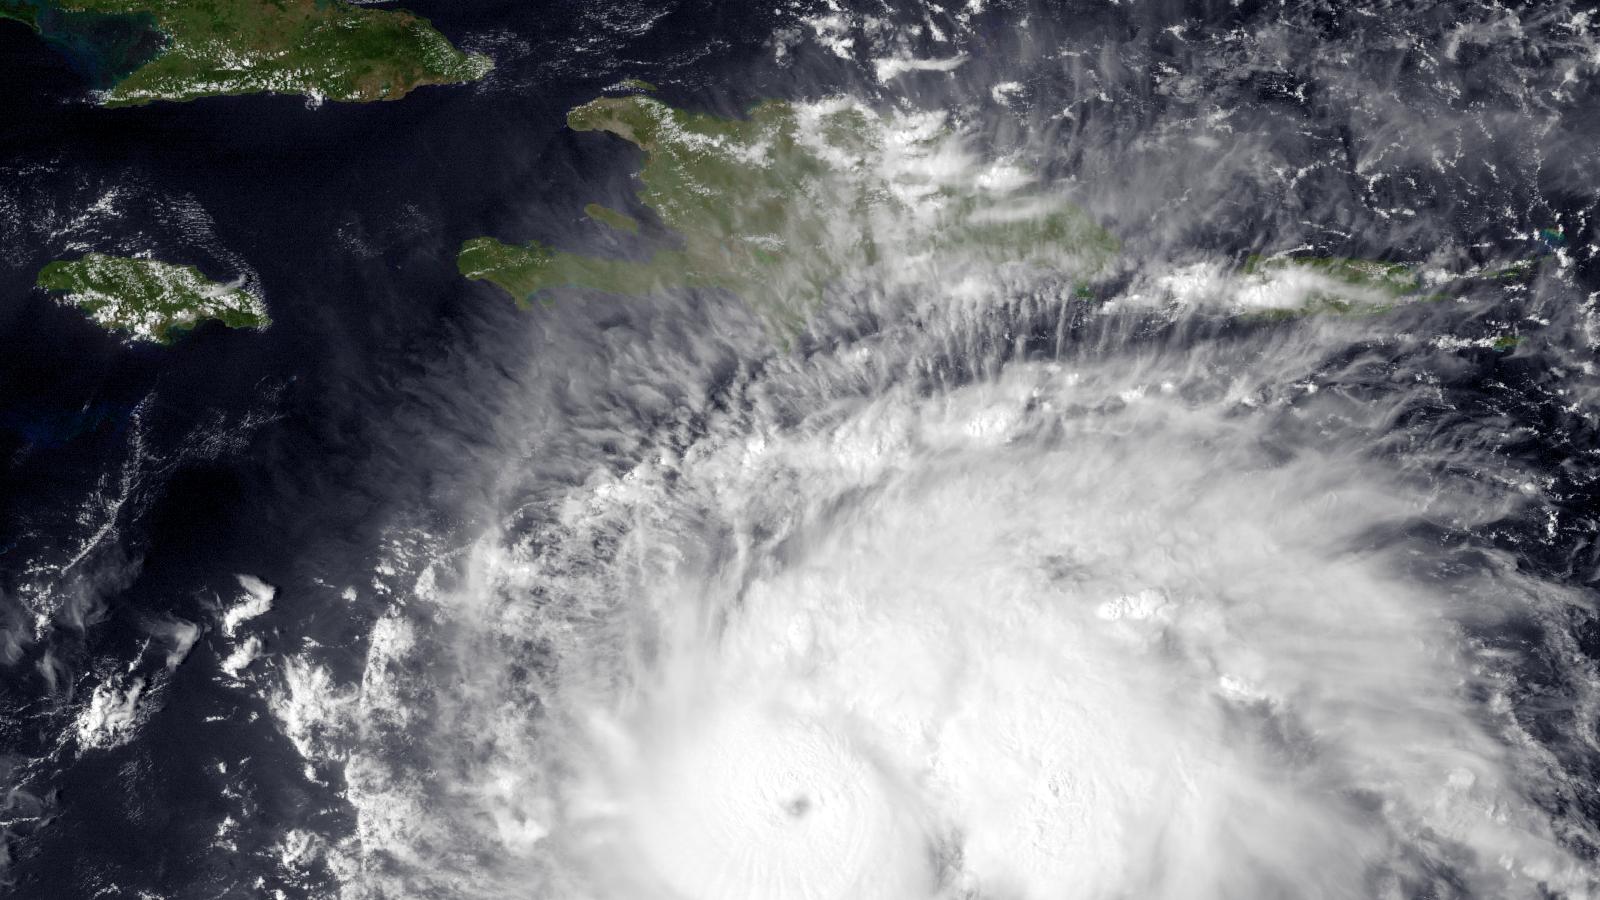 S'espera una temporada d'huracans més activa del normal